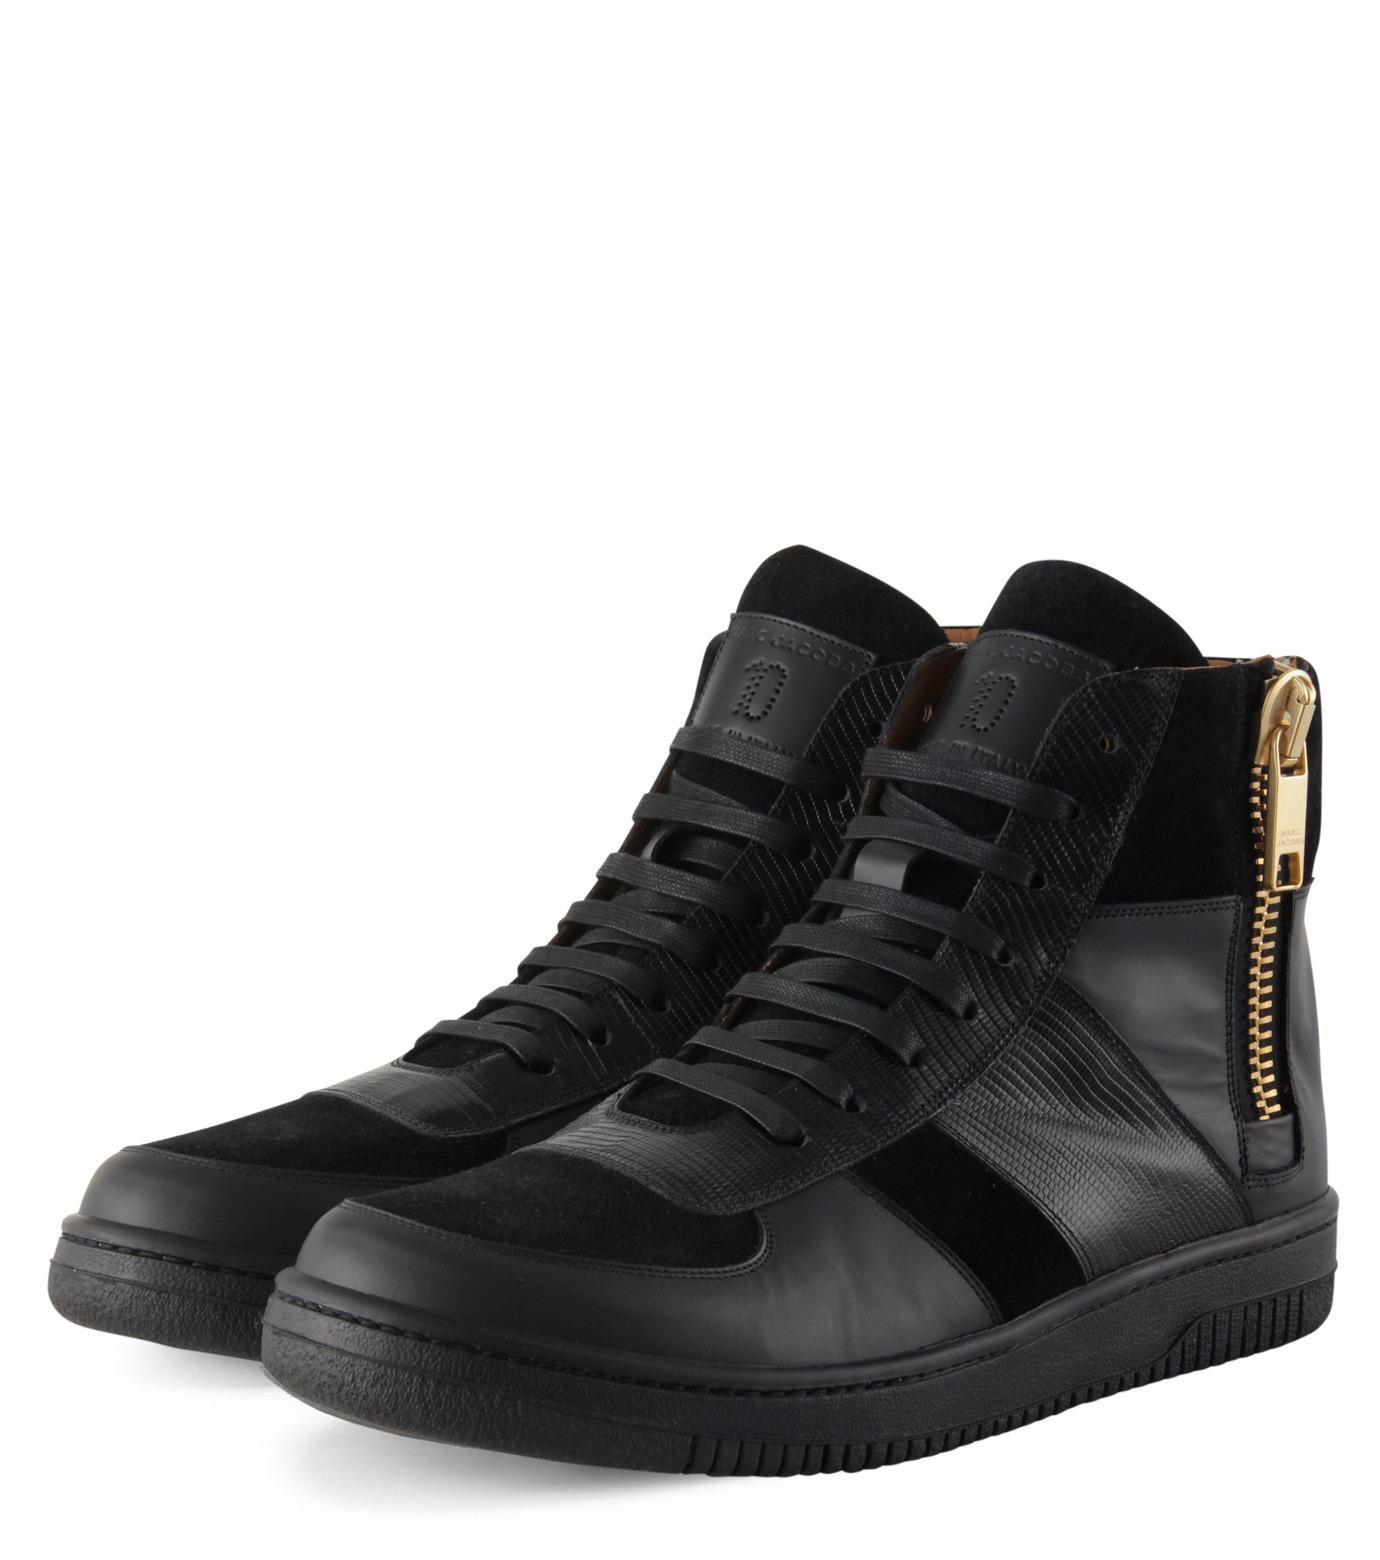 Marc Jacobs(マーク ジェイコブス)のSide zip sneaker-BLACK-WS0076-13 拡大詳細画像4